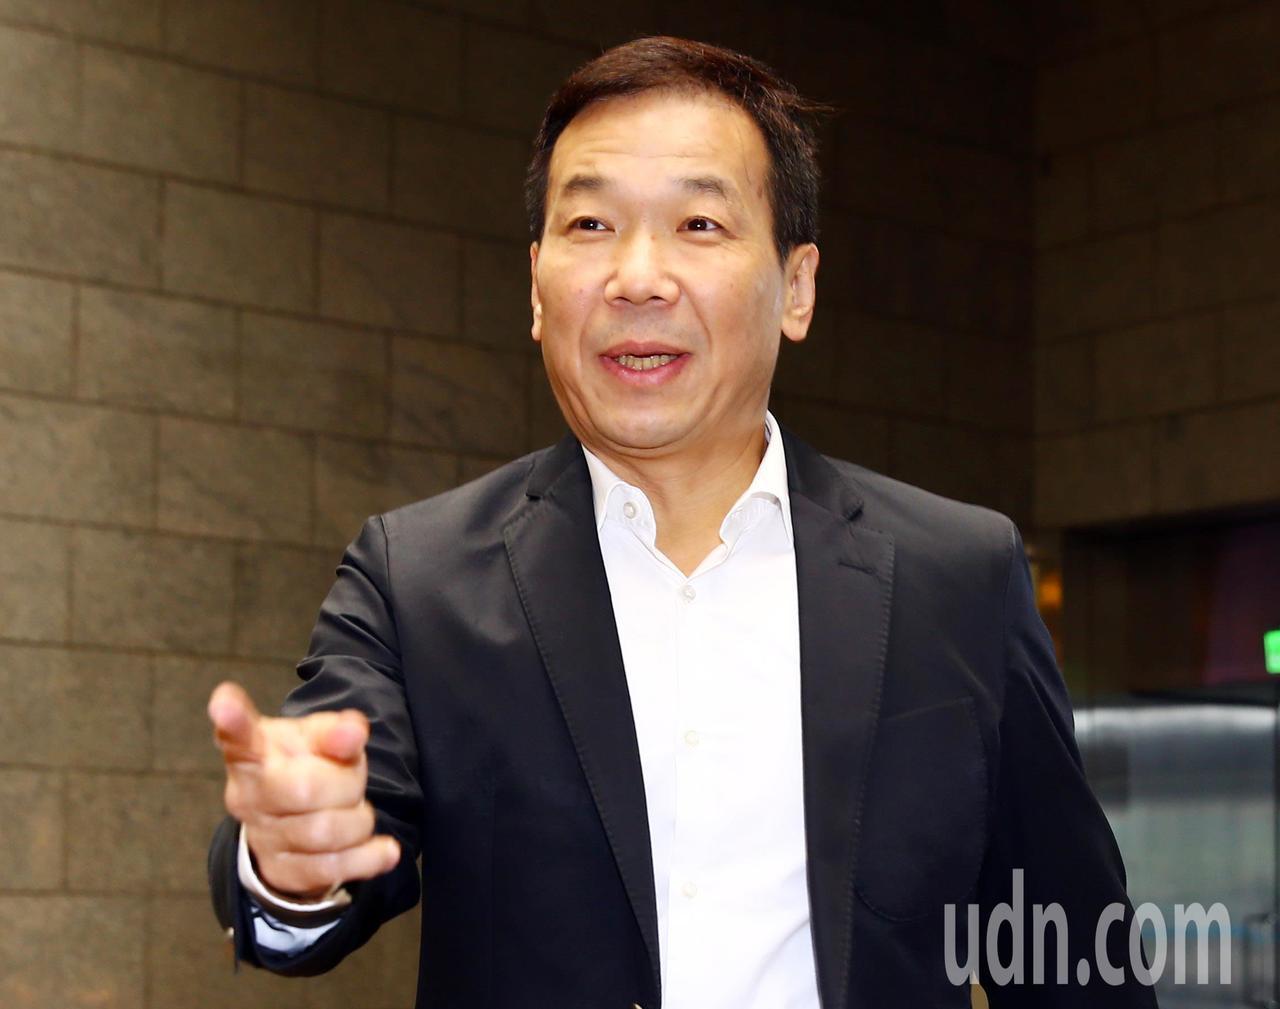 台北市議員鍾小平宣布退出國民黨為柯P助選。記者杜建重/攝影